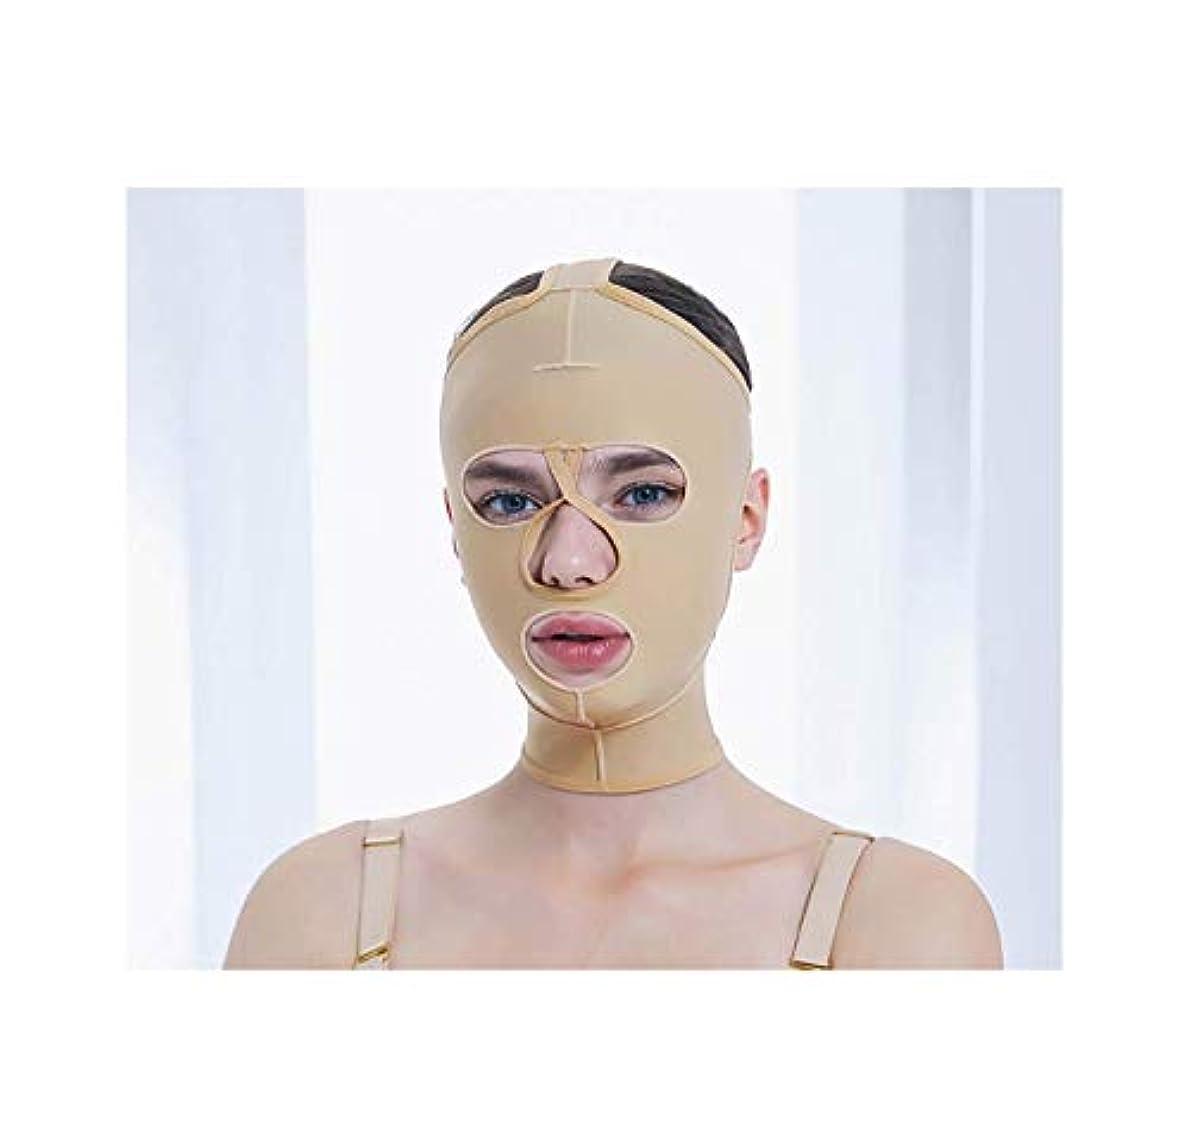 天才豊富なチャネルフェイス&ネックリフト、減量フェイスマスク脂肪吸引術脂肪吸引整形マスクフードフェイスリフティングアーティファクトVフェイスビームフェイス弾性スリーブ(サイズ:XS),M